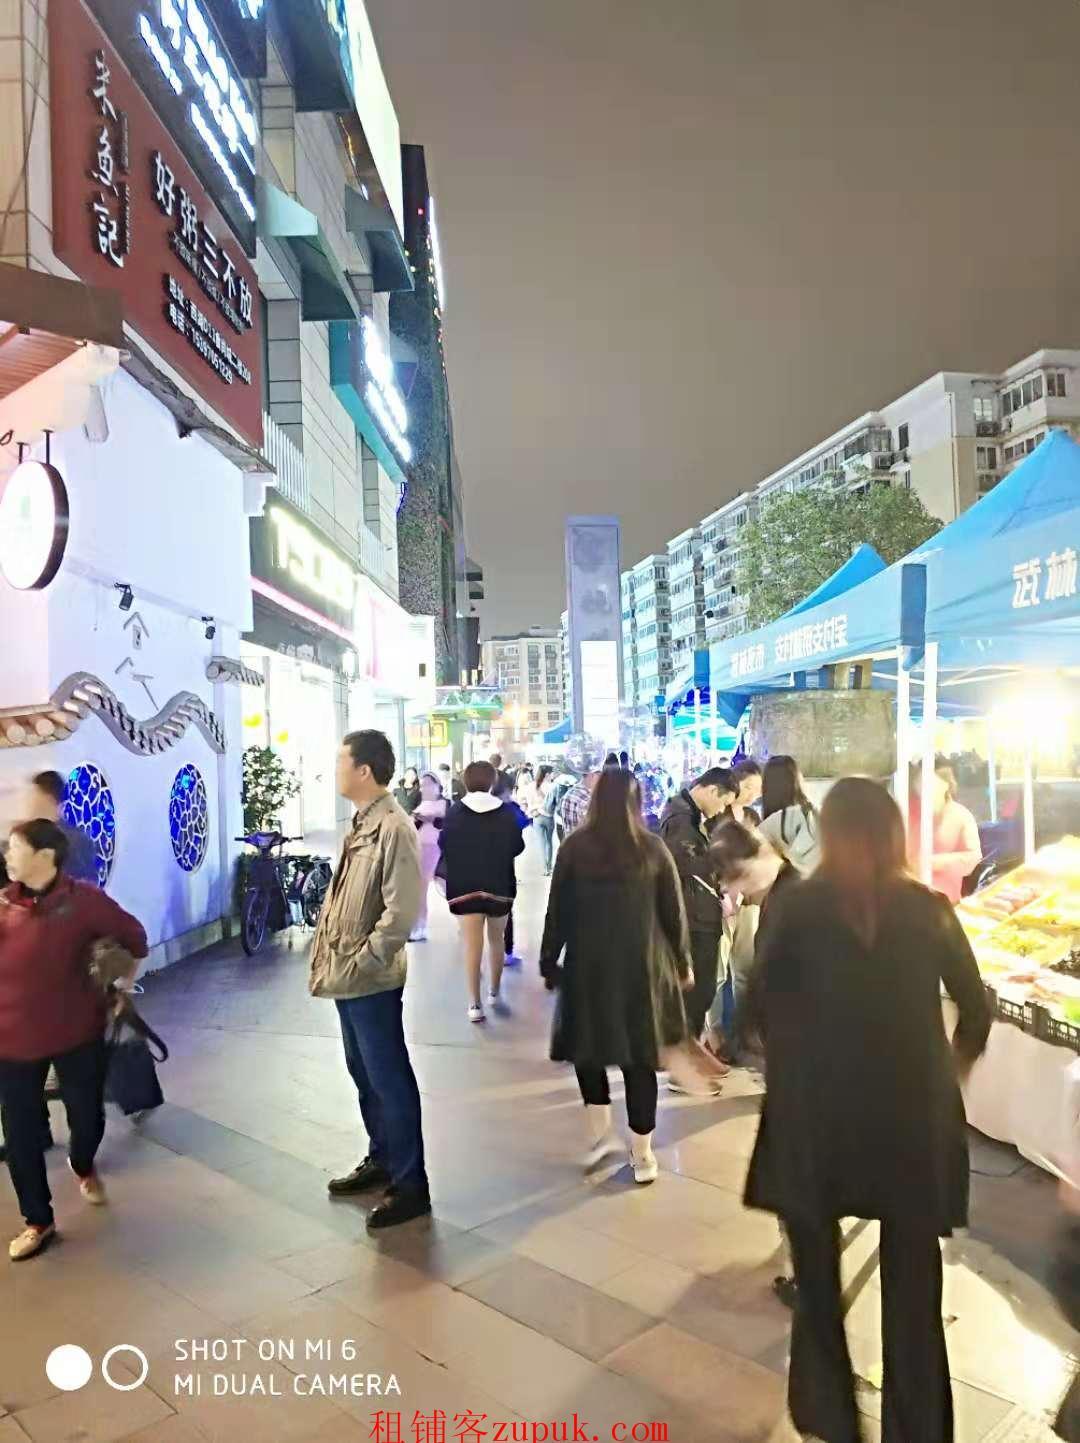 西湖沿街100平商铺招租,地势好人流量大,适合小吃主食餐饮